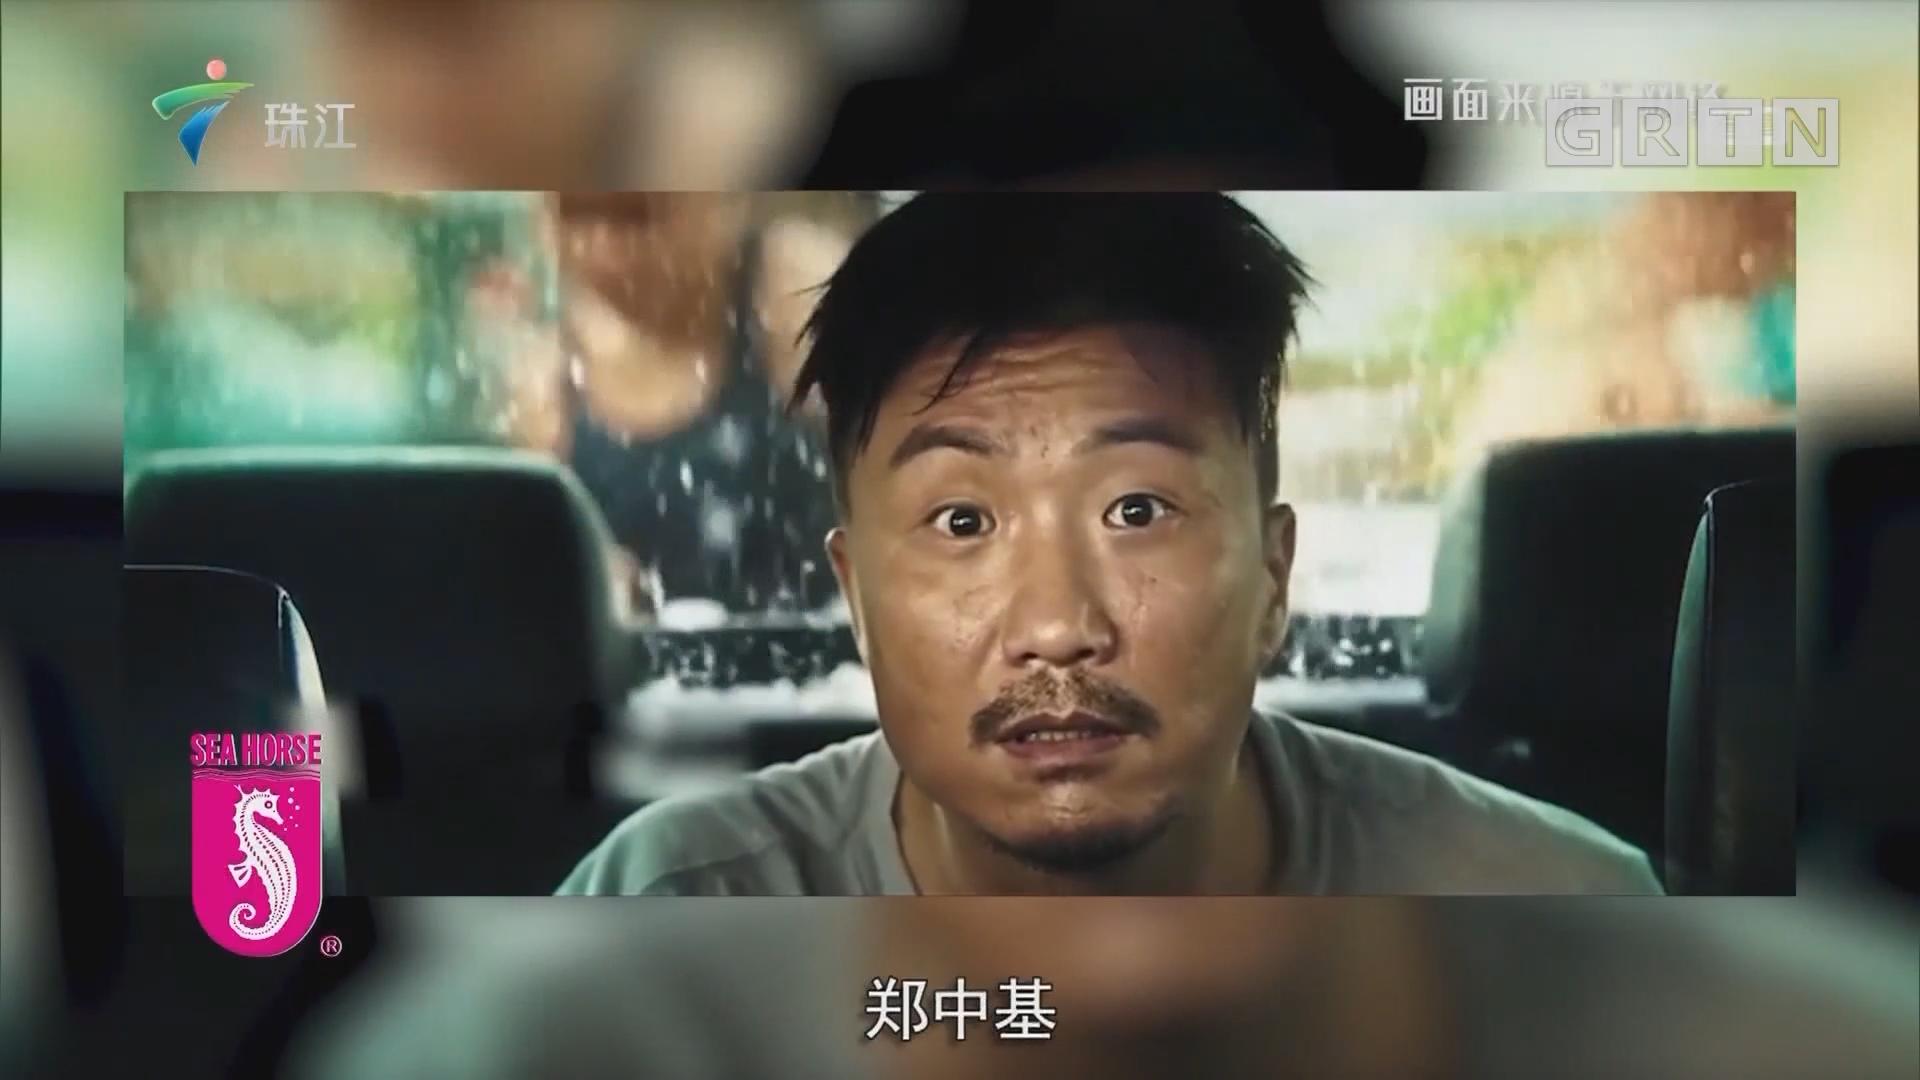 郑中基:一个被演戏耽误的歌神